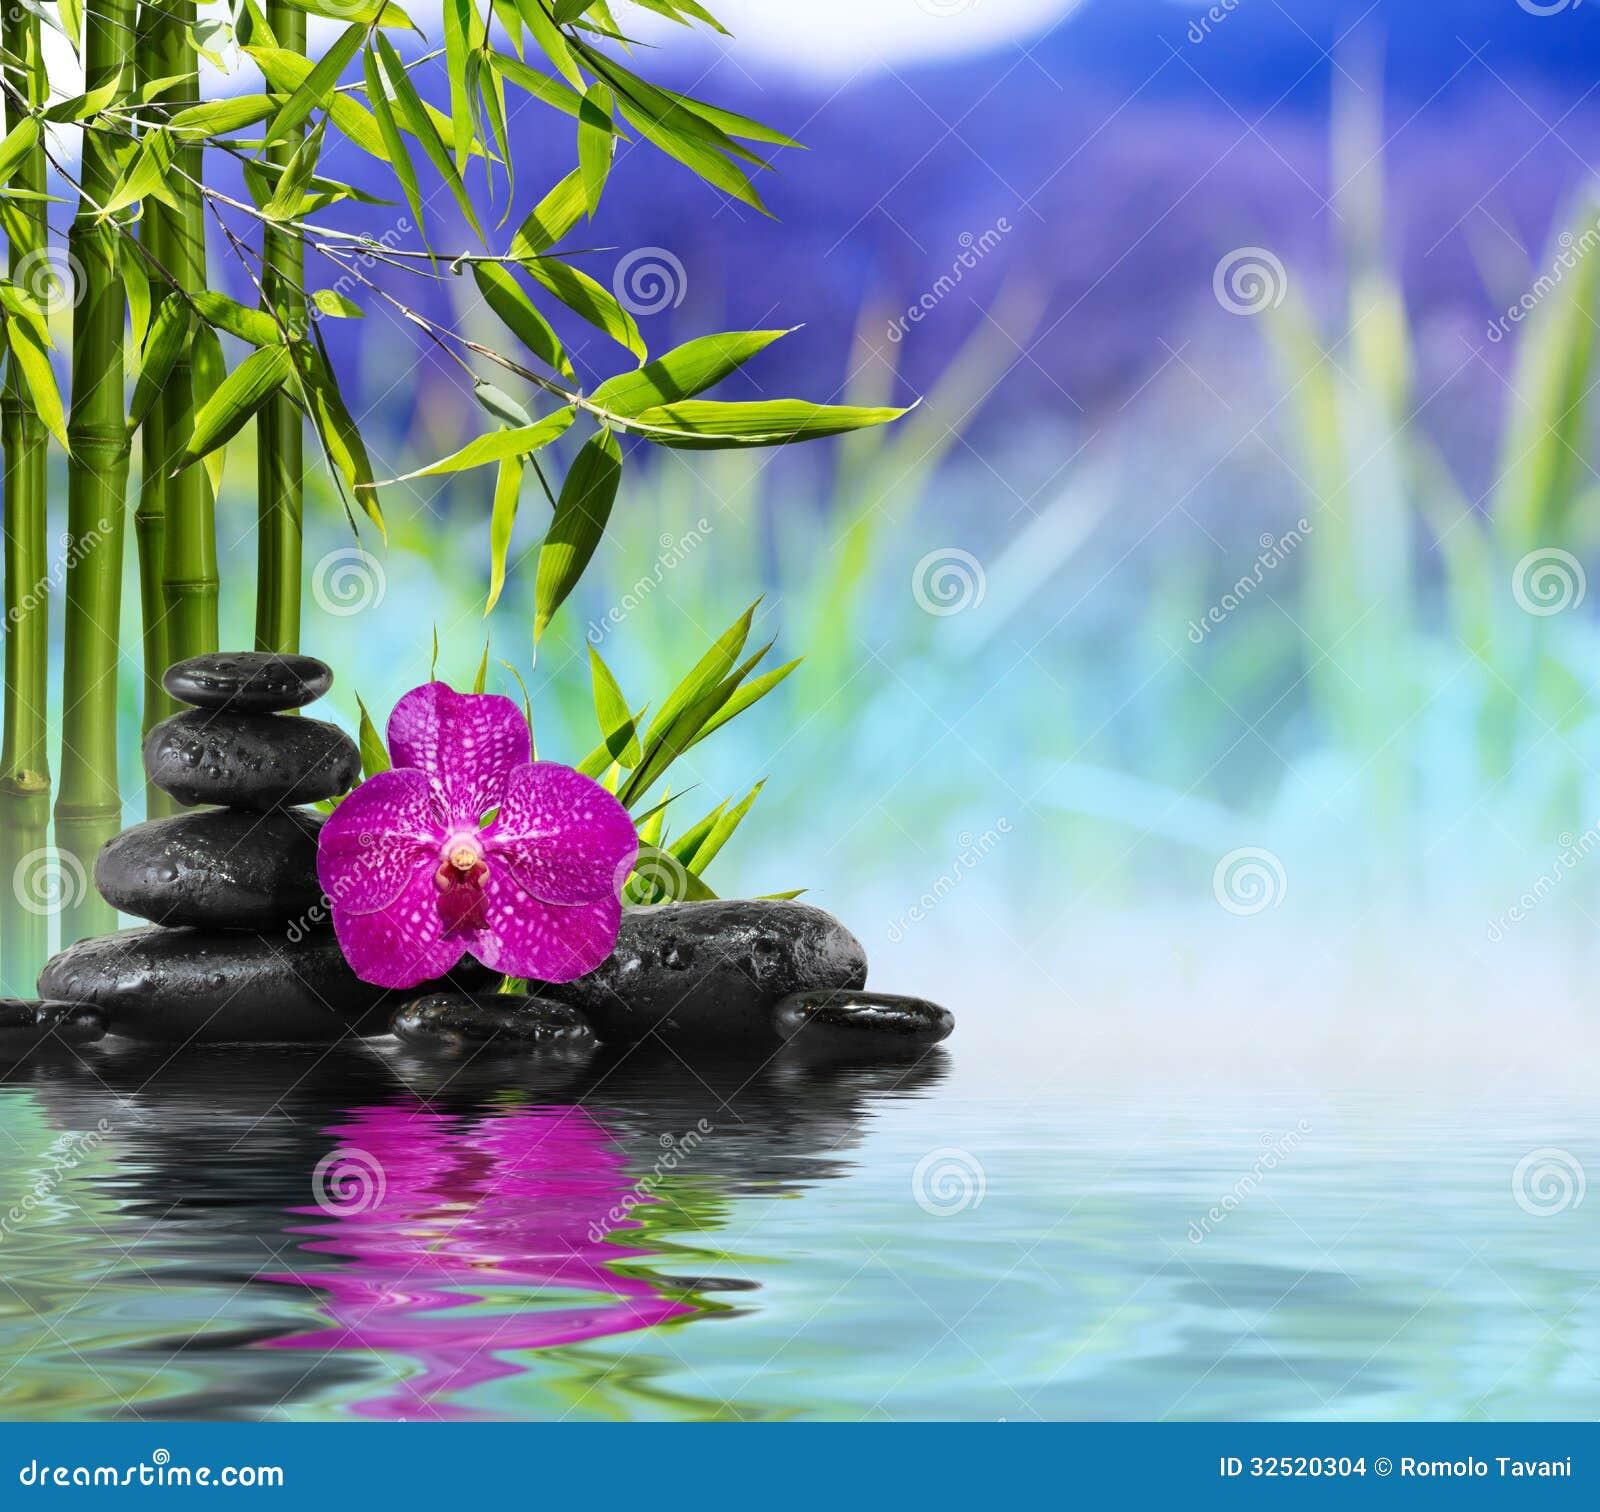 Orchidea pietre e bamb porpora sull acqua for Orchidea acqua